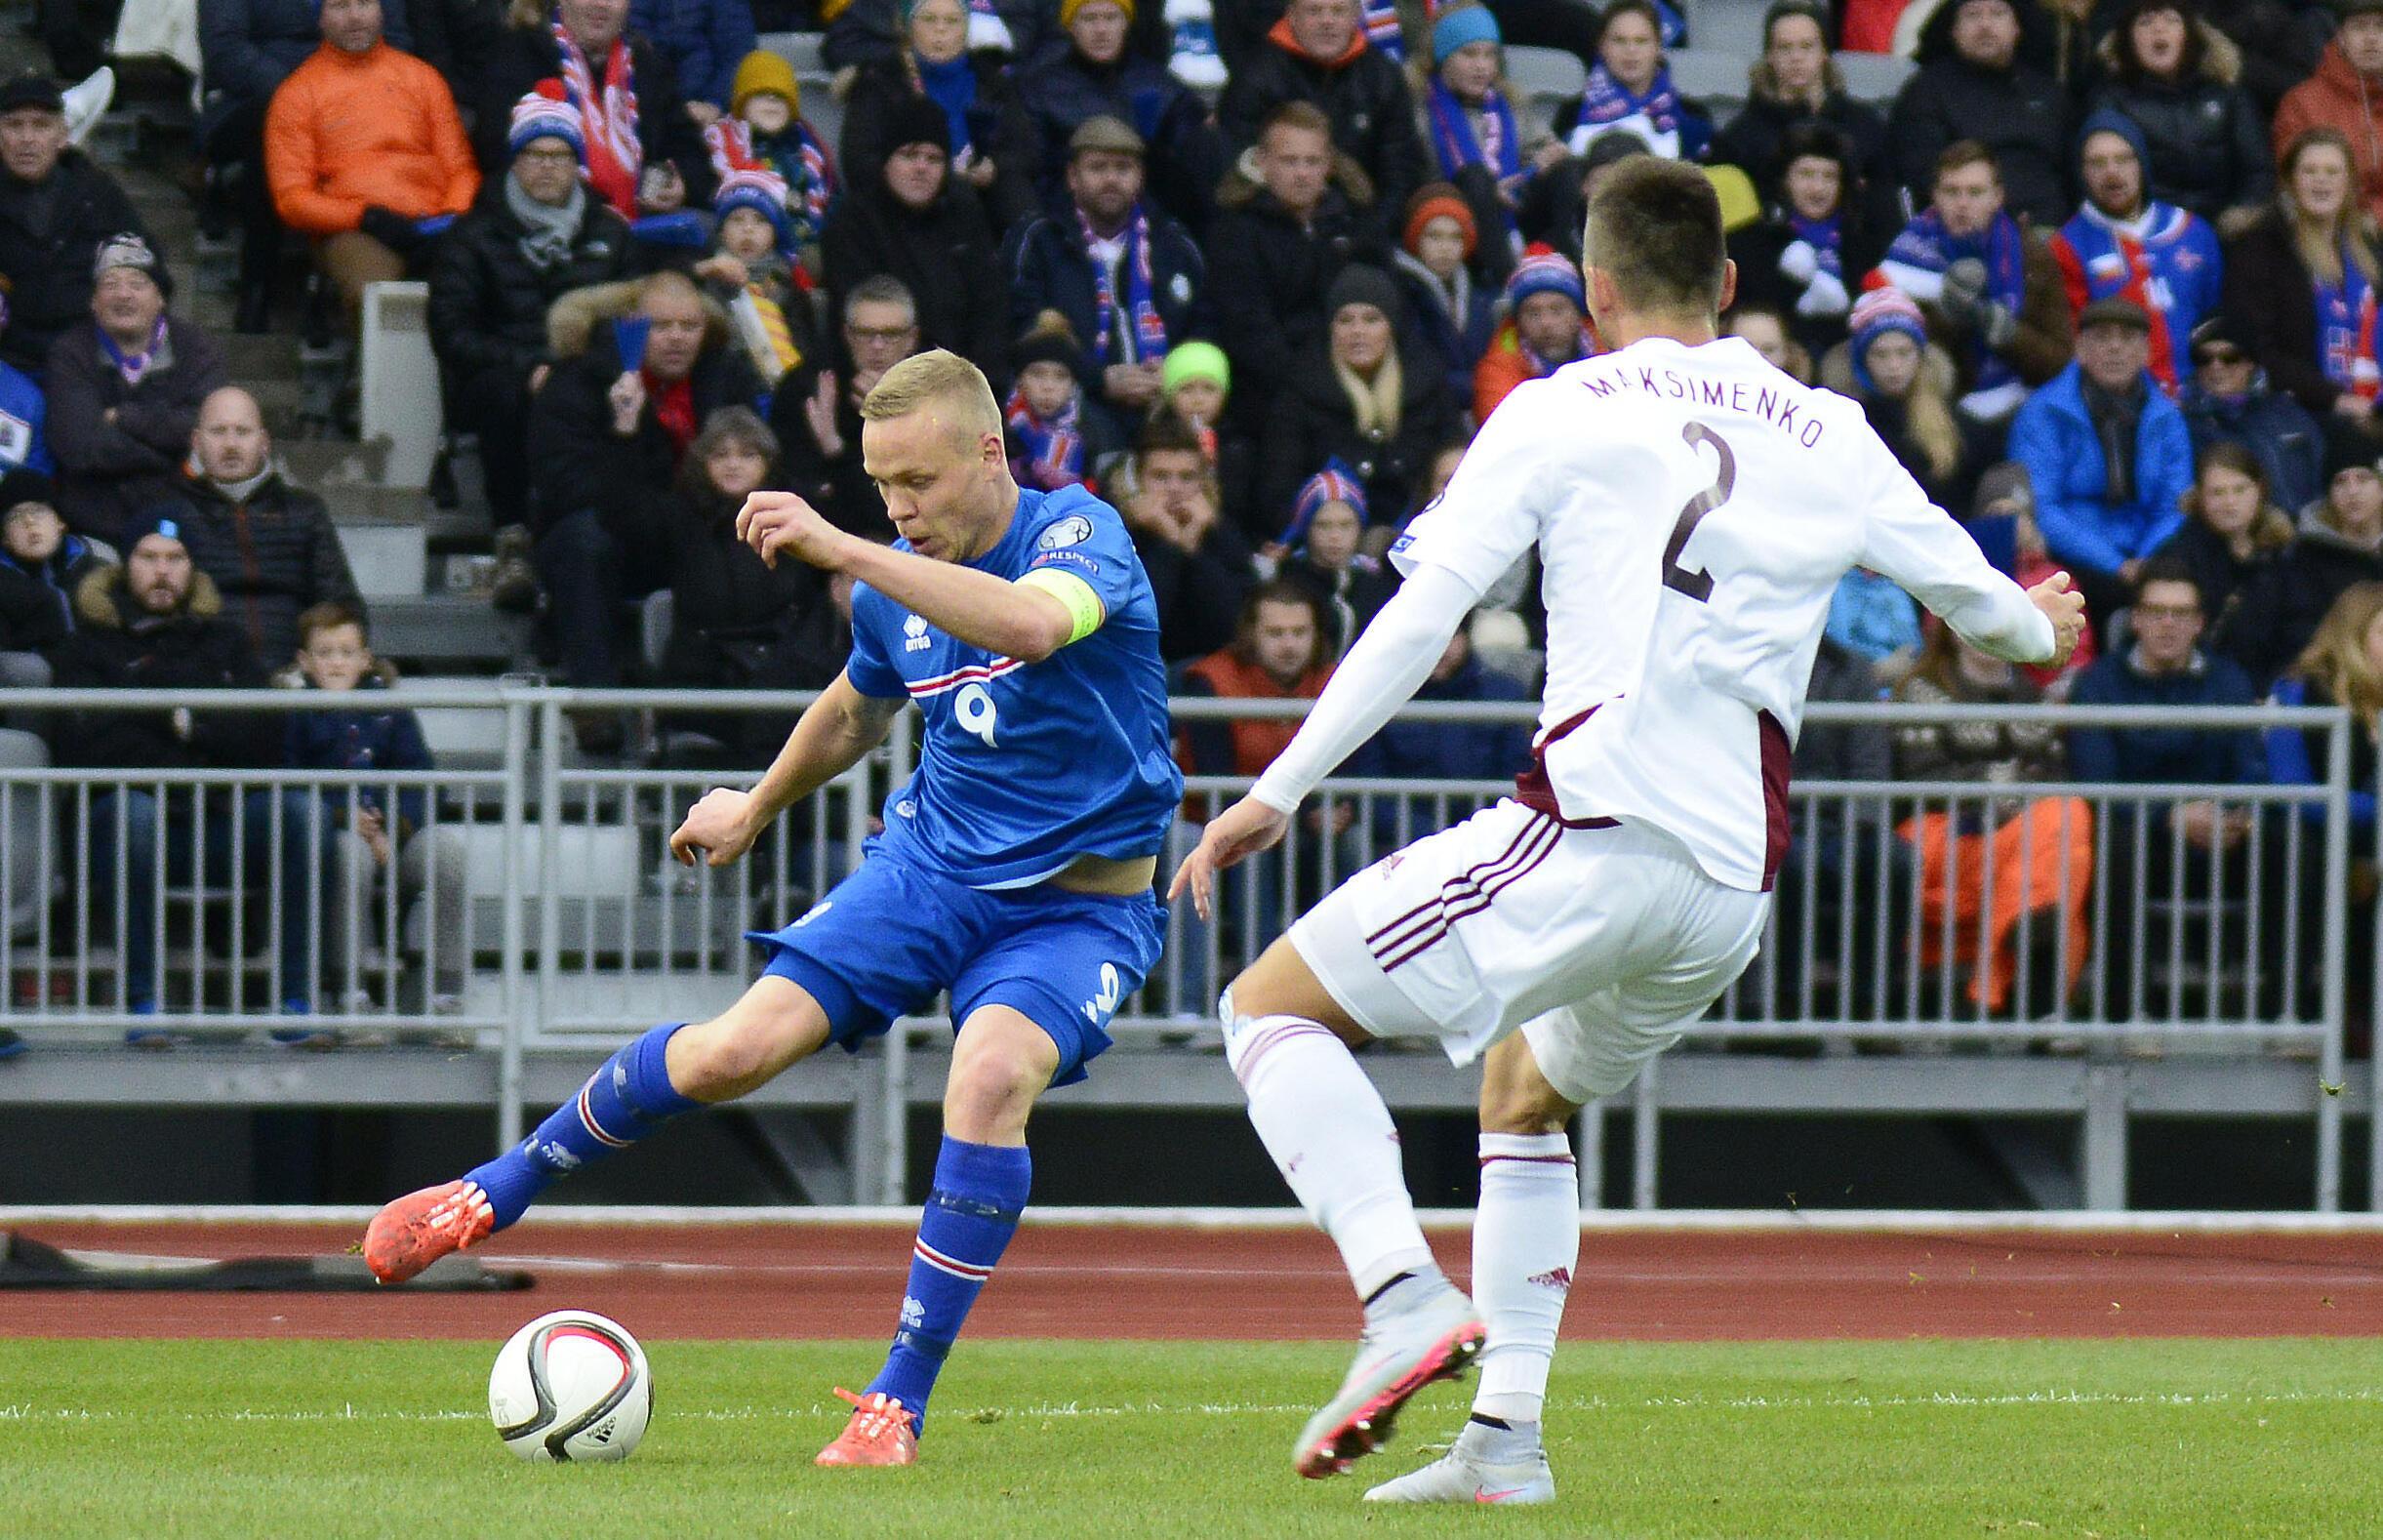 Cúp Euro 2016 : Kolbeinn Sigthorsson và các tuyển thủ Iceland gây bất ngờ khi đi tranh tài với những đội bóng sừng sỏ nhất của Châu Âu